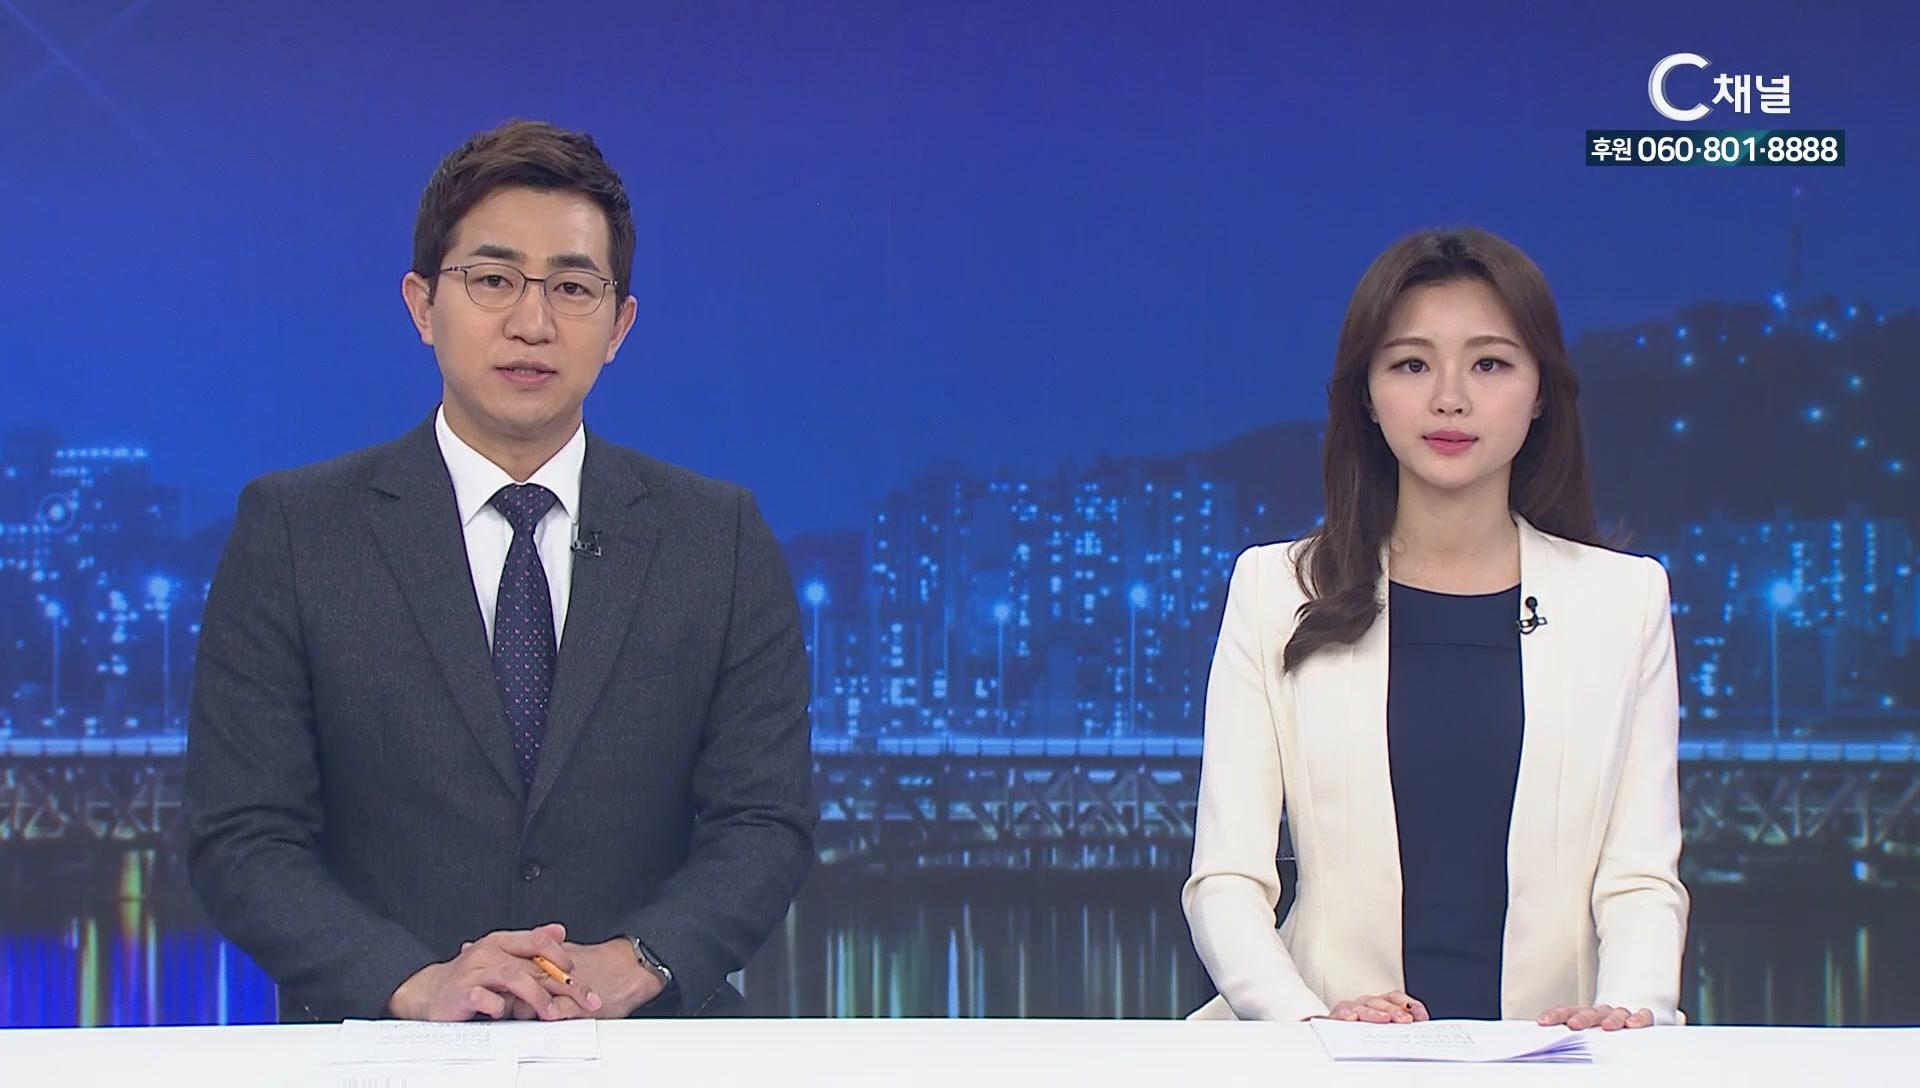 C채널 매거진 굿데이 2019년 04월 17일 C채널 뉴스